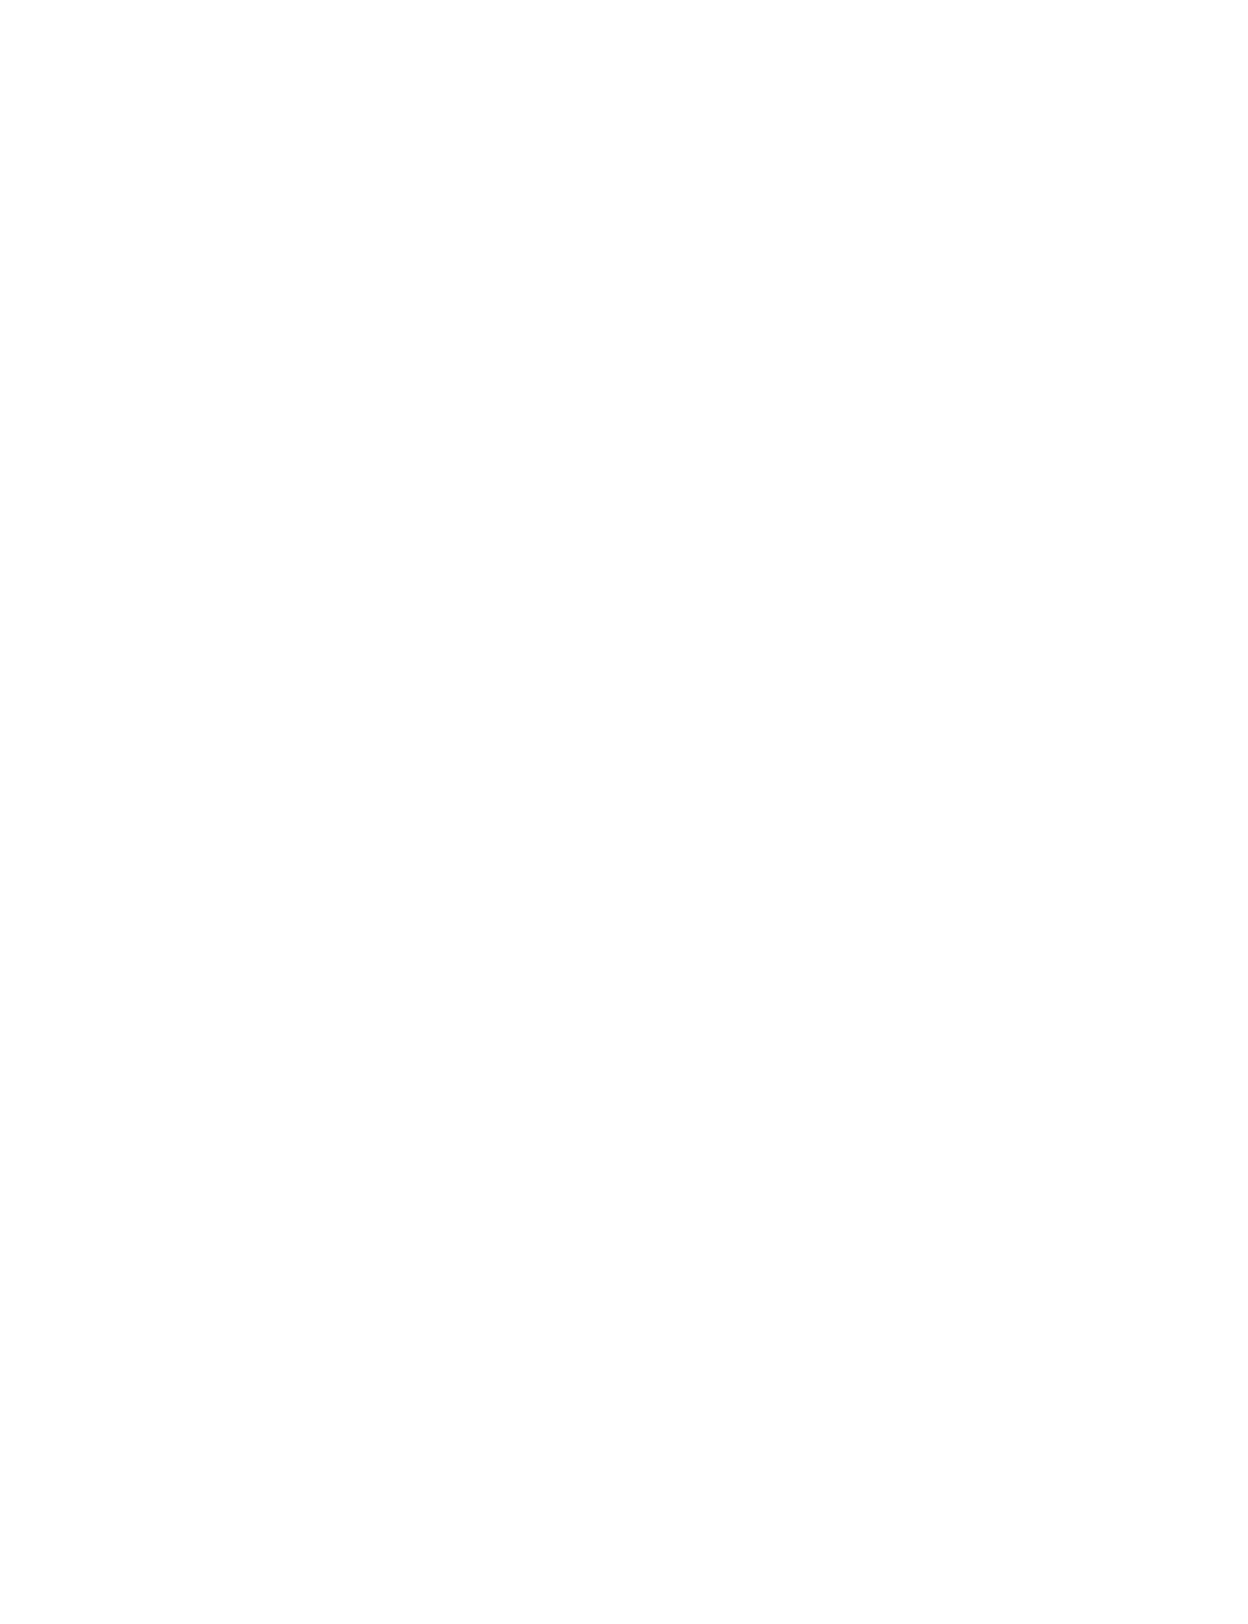 深圳国际龙8国际娱乐唯一官方网站展,龙8国际娱乐唯一官方网站周,龙8国际娱乐唯一官方网站展,缤纷饰空间展